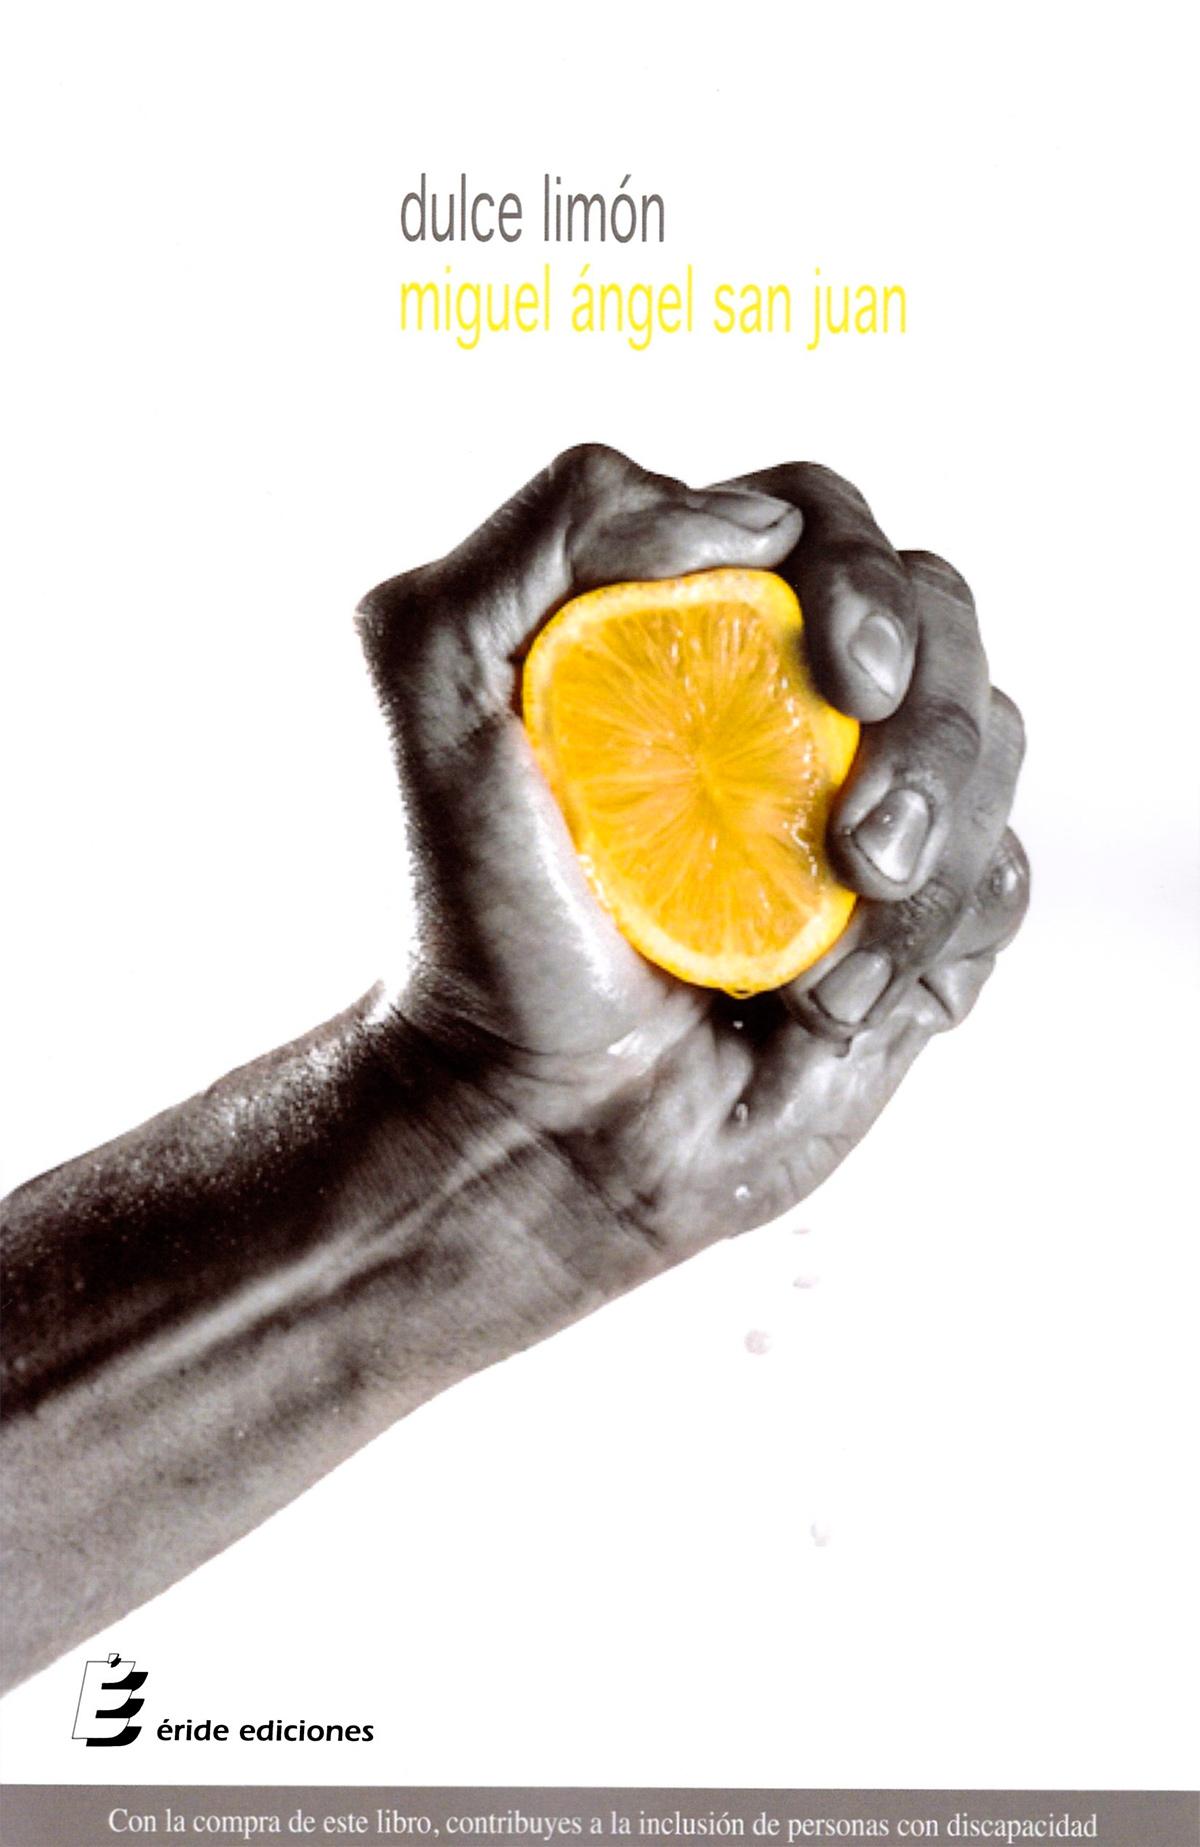 Portada libro - Dulce limón